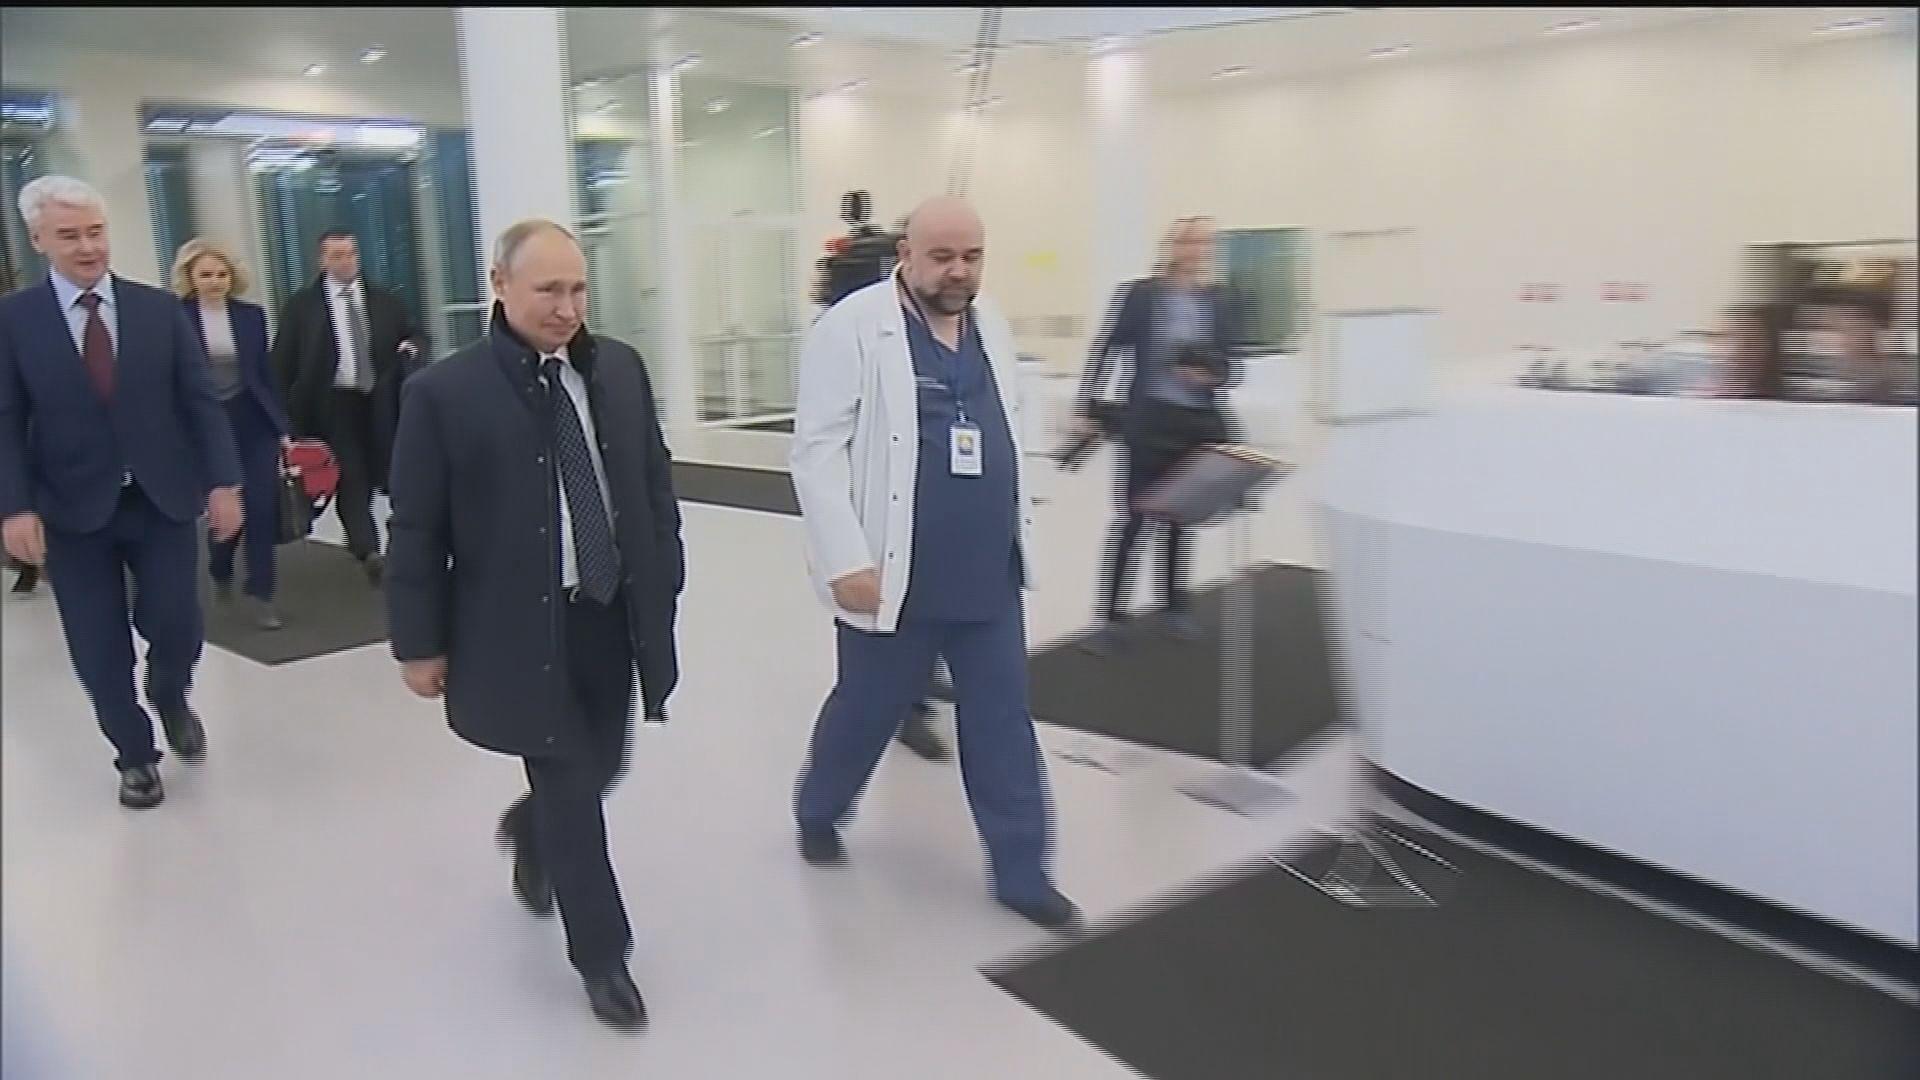 俄羅斯確診宗數破千 總統普京預測兩三個月內戰勝疫情